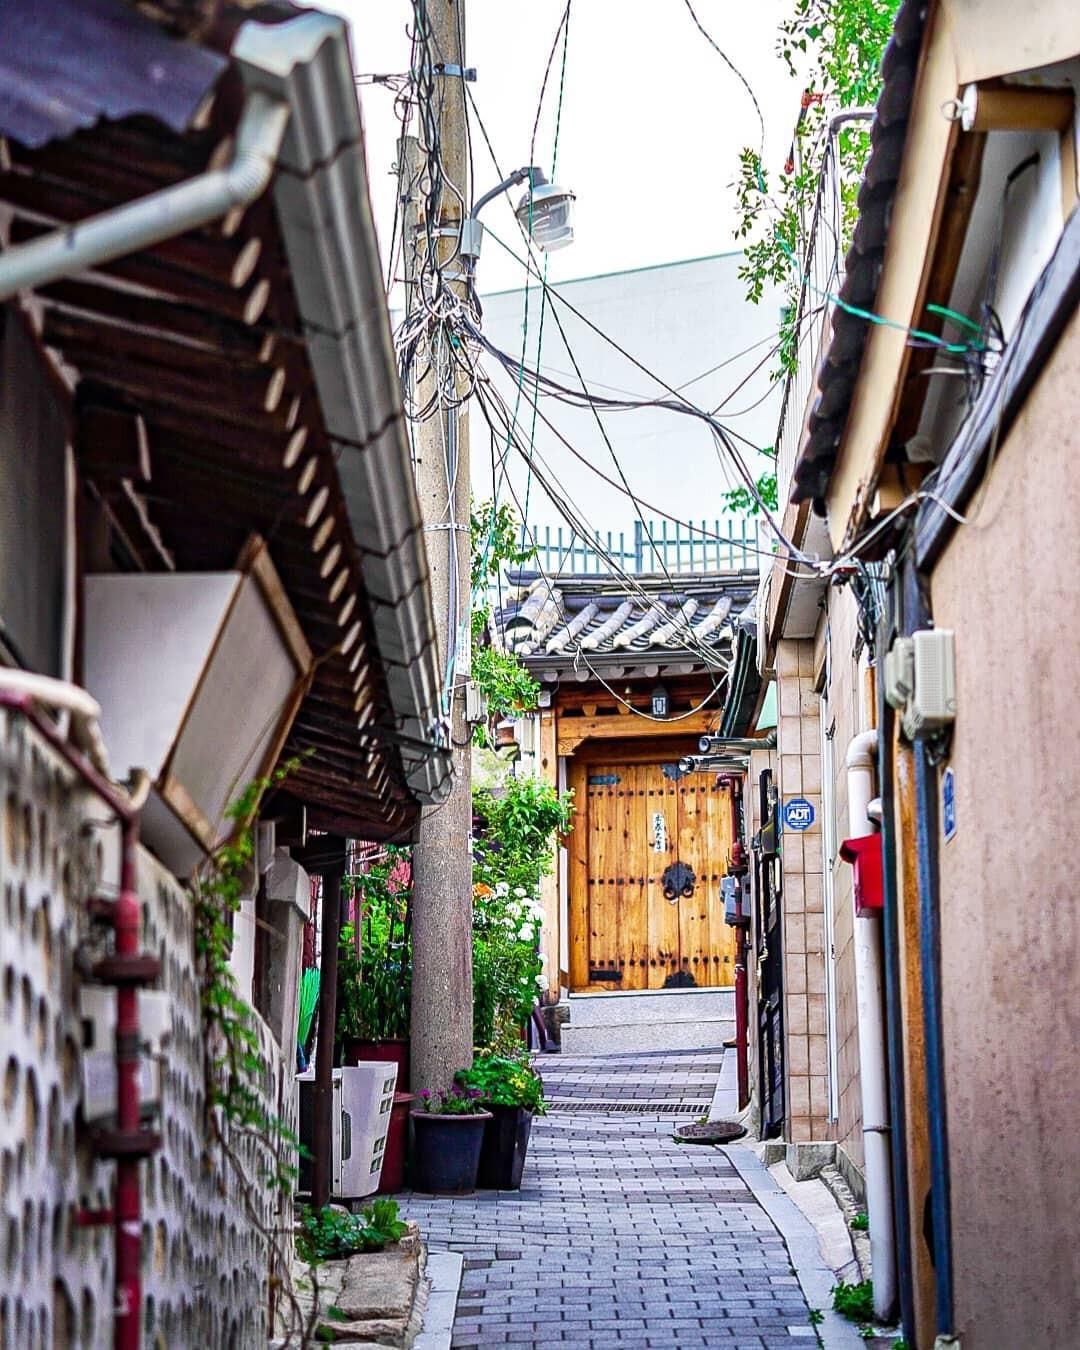 Thong thong khám phá văn hóa truyền thống tại 5 ngôi làng cổ đặc sắc nhất xứ Hàn - Ảnh 4.